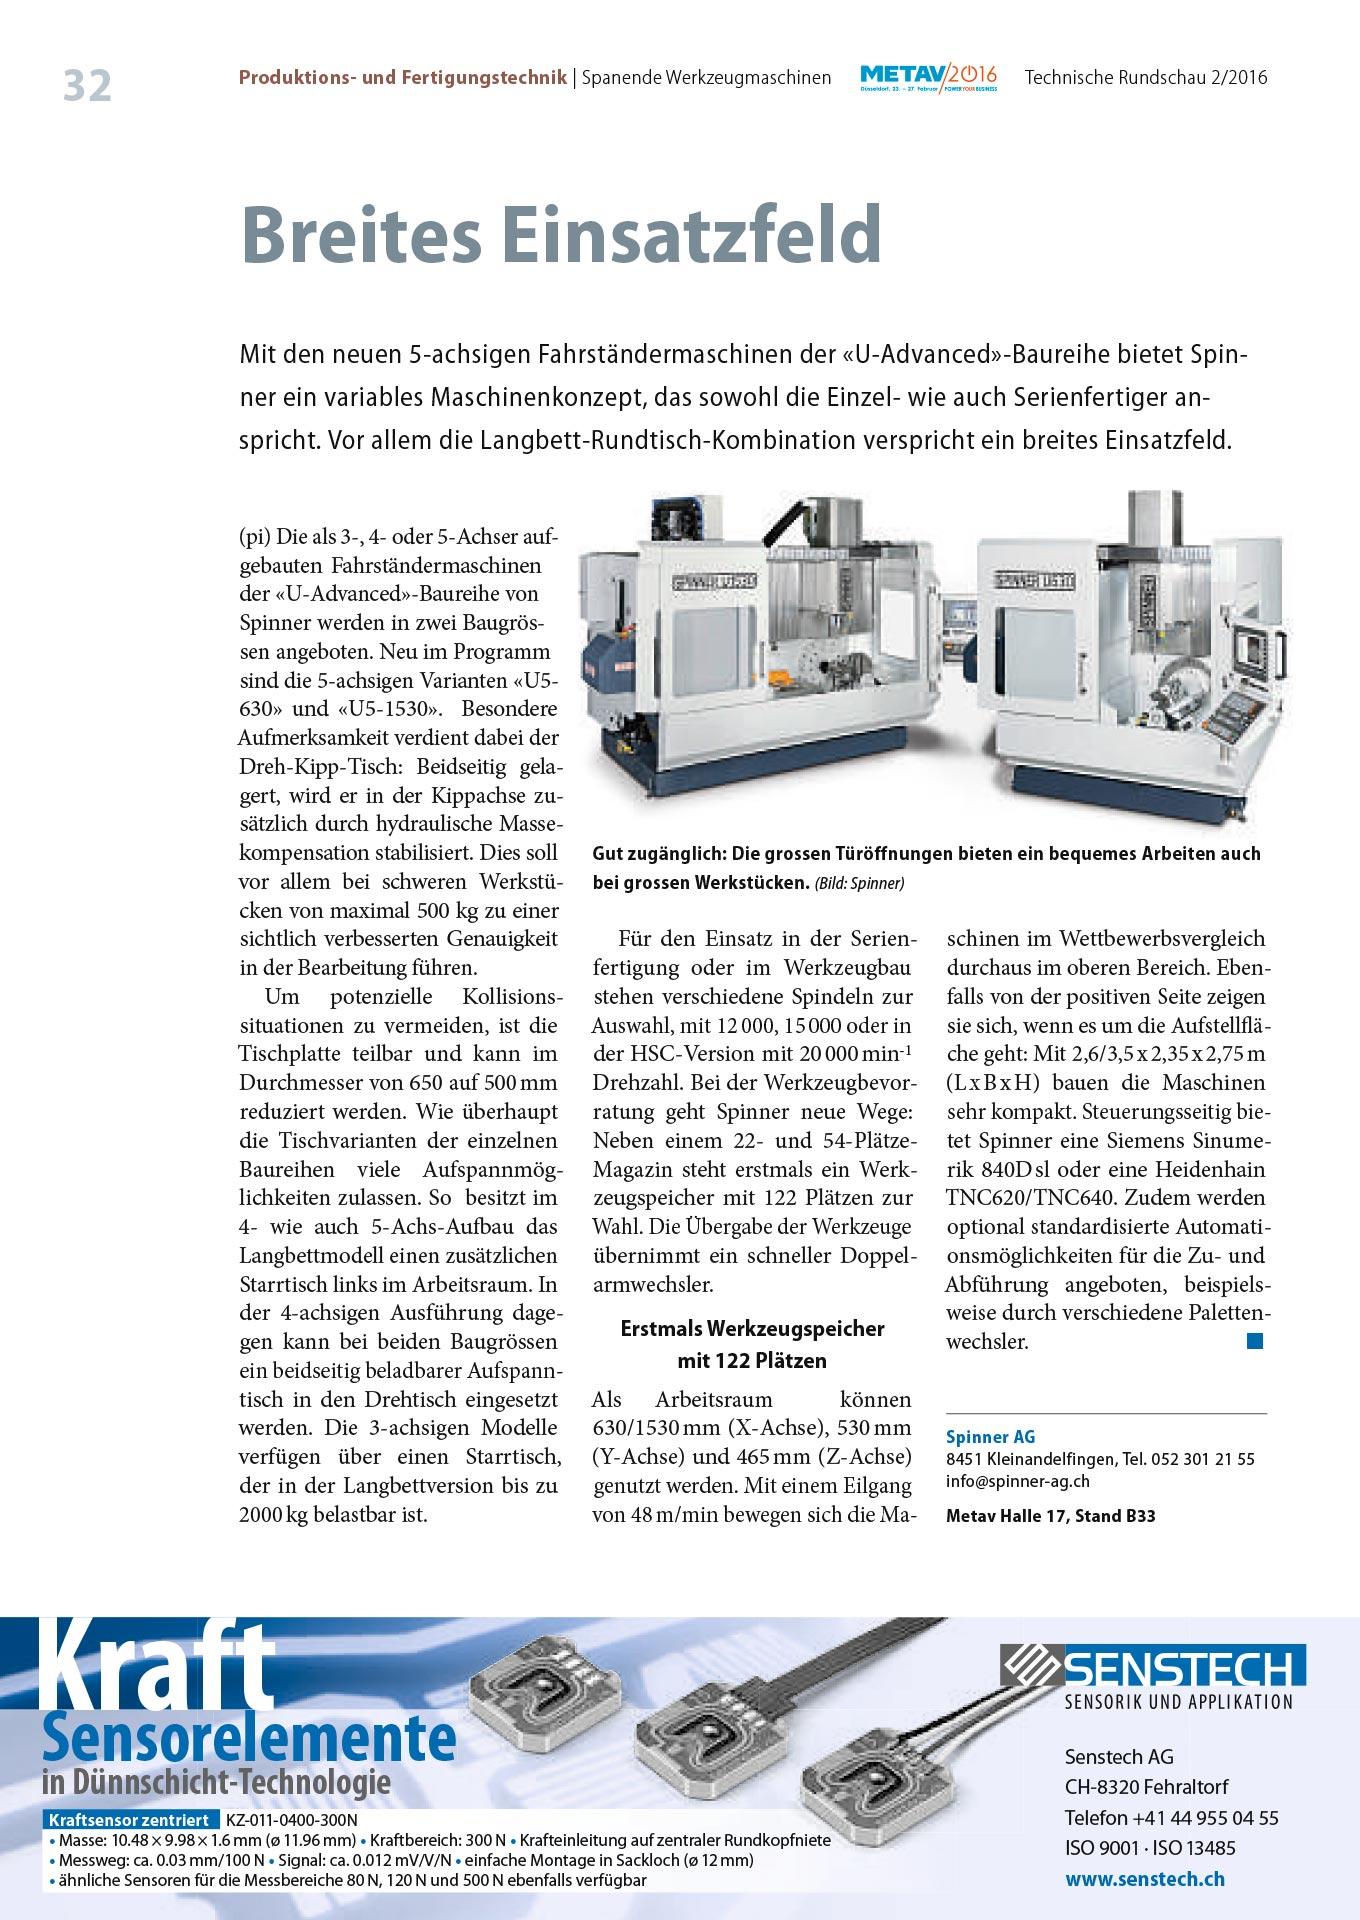 Spinner AG - Pressebericht Technische Rundschau Ausgabe 02/2016